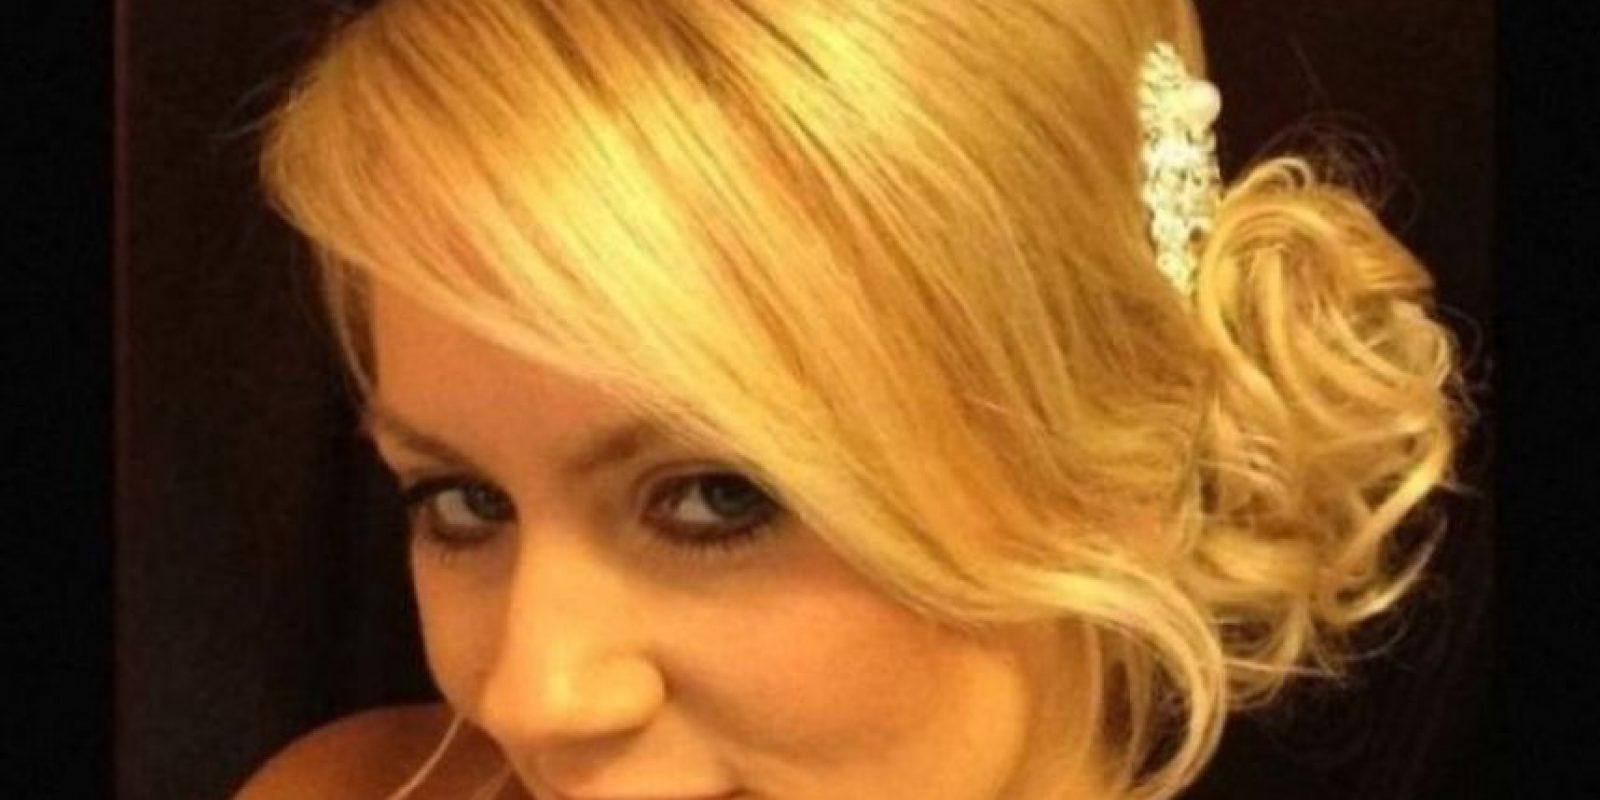 Eppie Sprung Dawson fue despedida de su puesto como maestra en 2012, cuando fue descubierta teniendo sexo con un alumno de 17 años, llamado Matthew Robinson Foto:Facebook